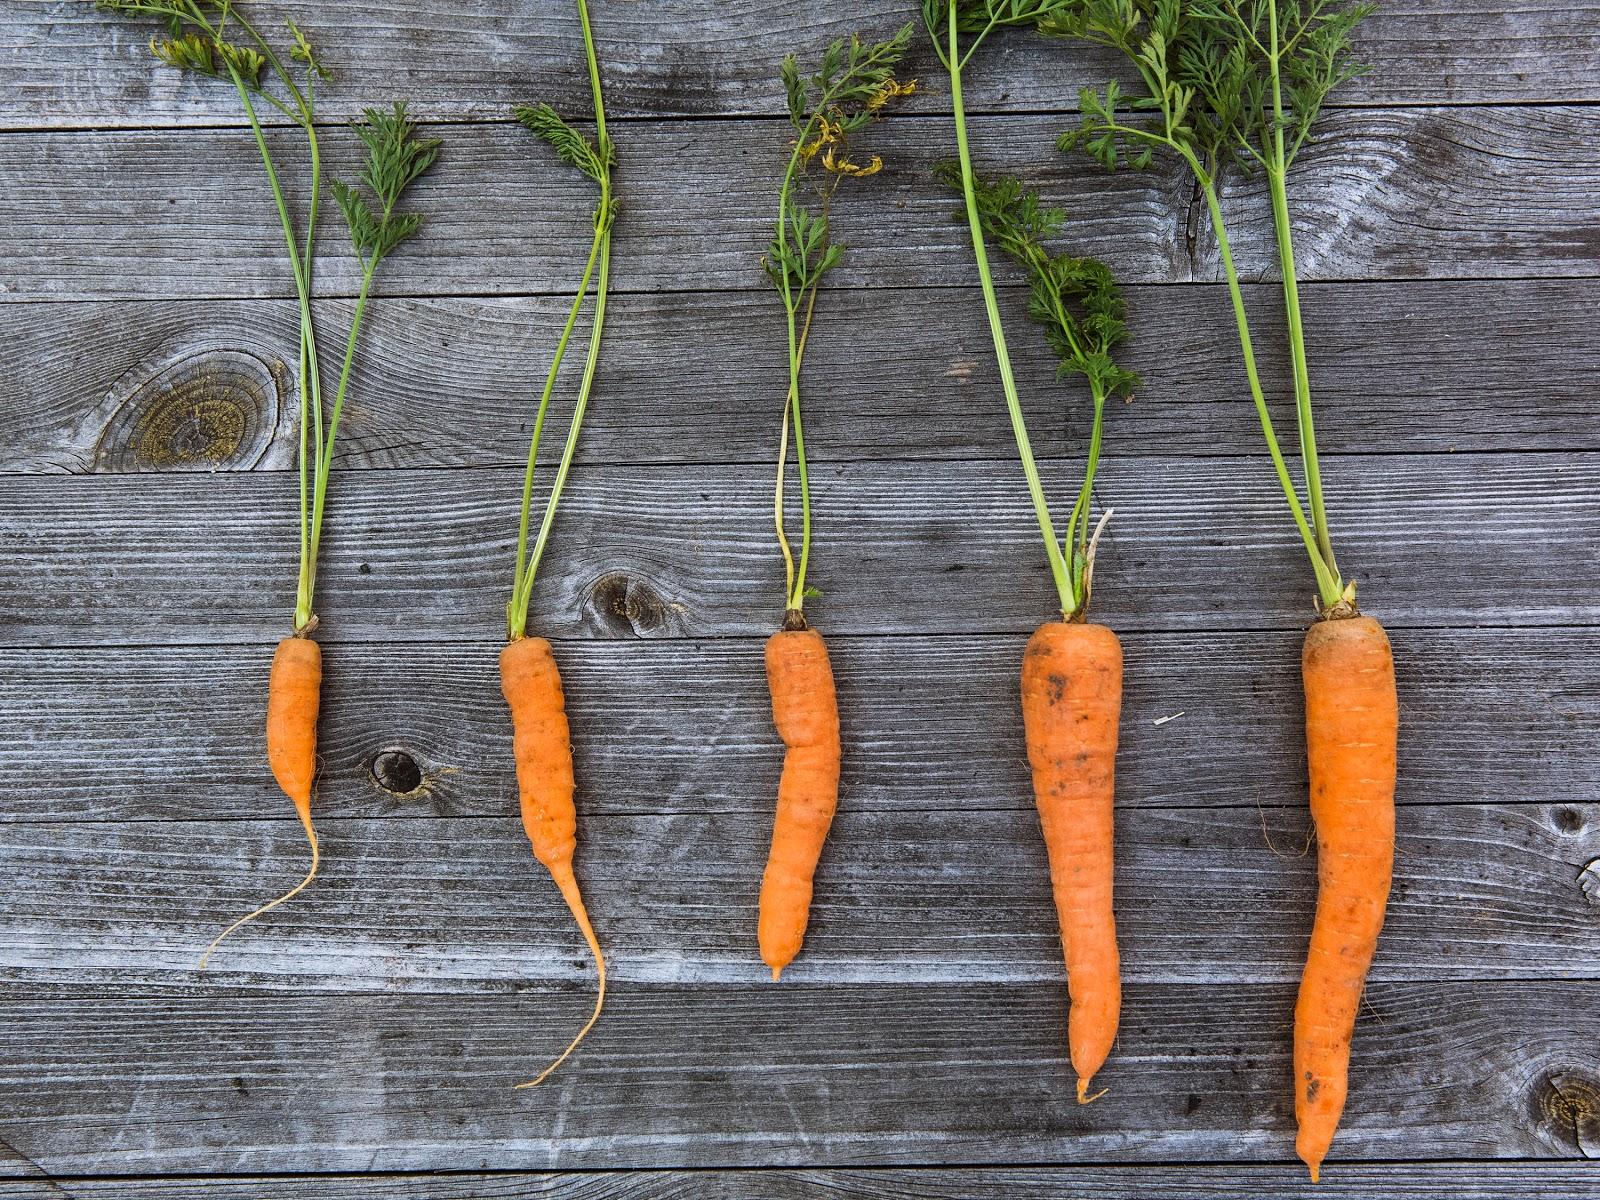 Zdrowe nawyki - chrup marchewkę